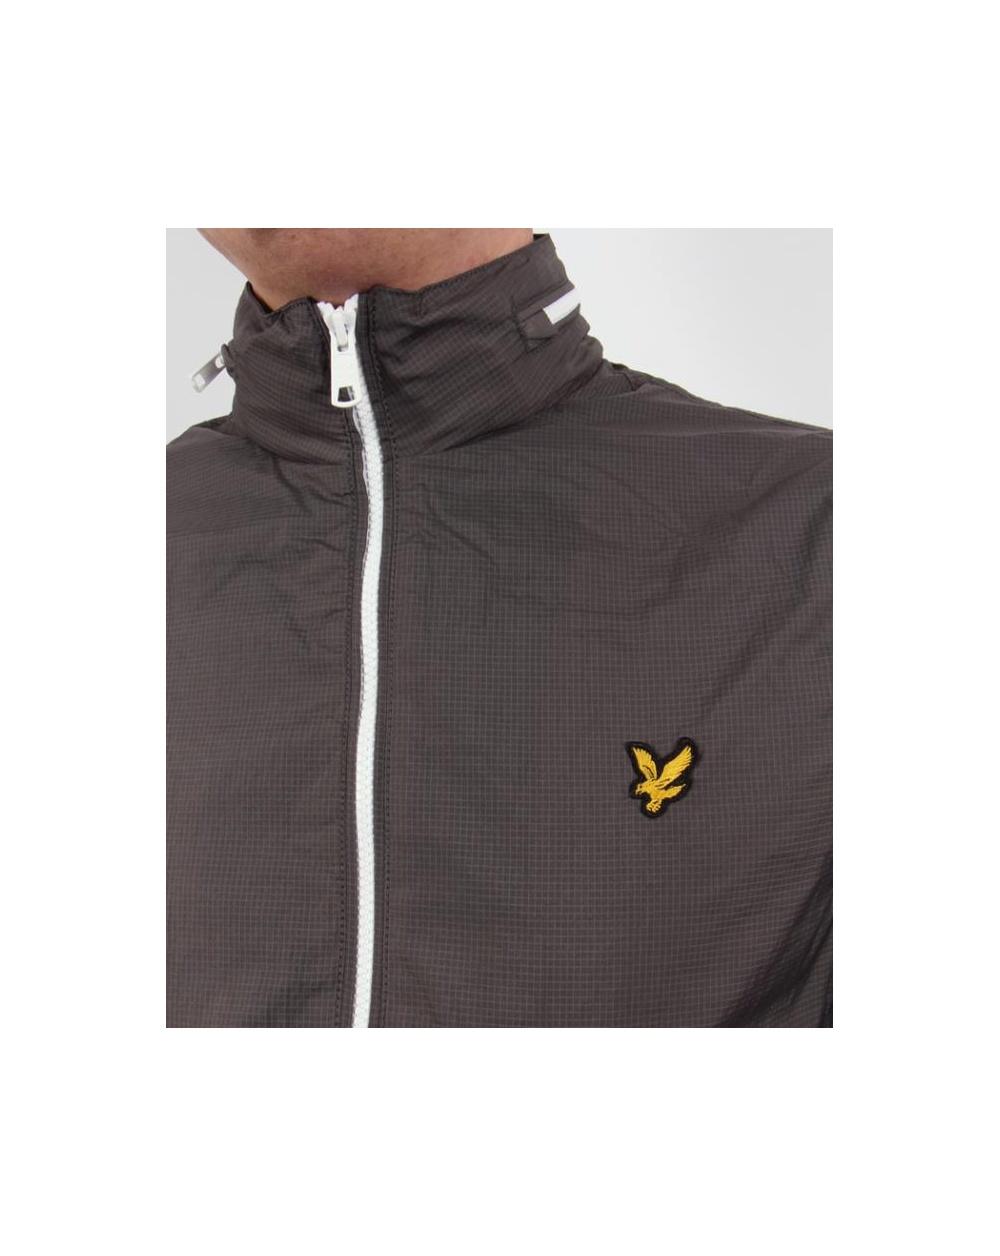 Nylon Jackets Nylon Hooded Jacket 56